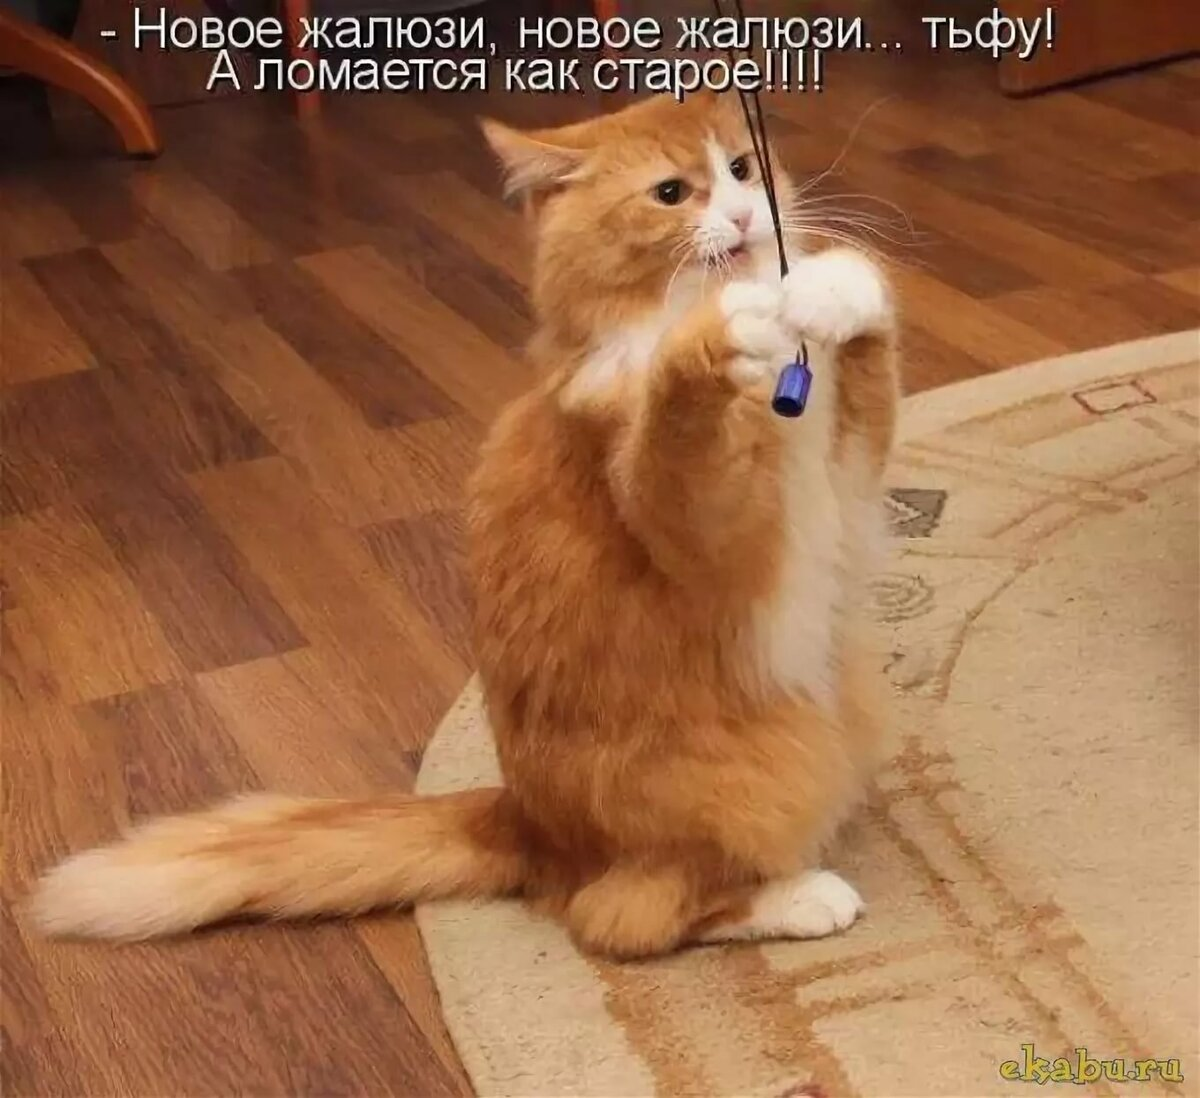 Фото кошки смешные картинки с надписями